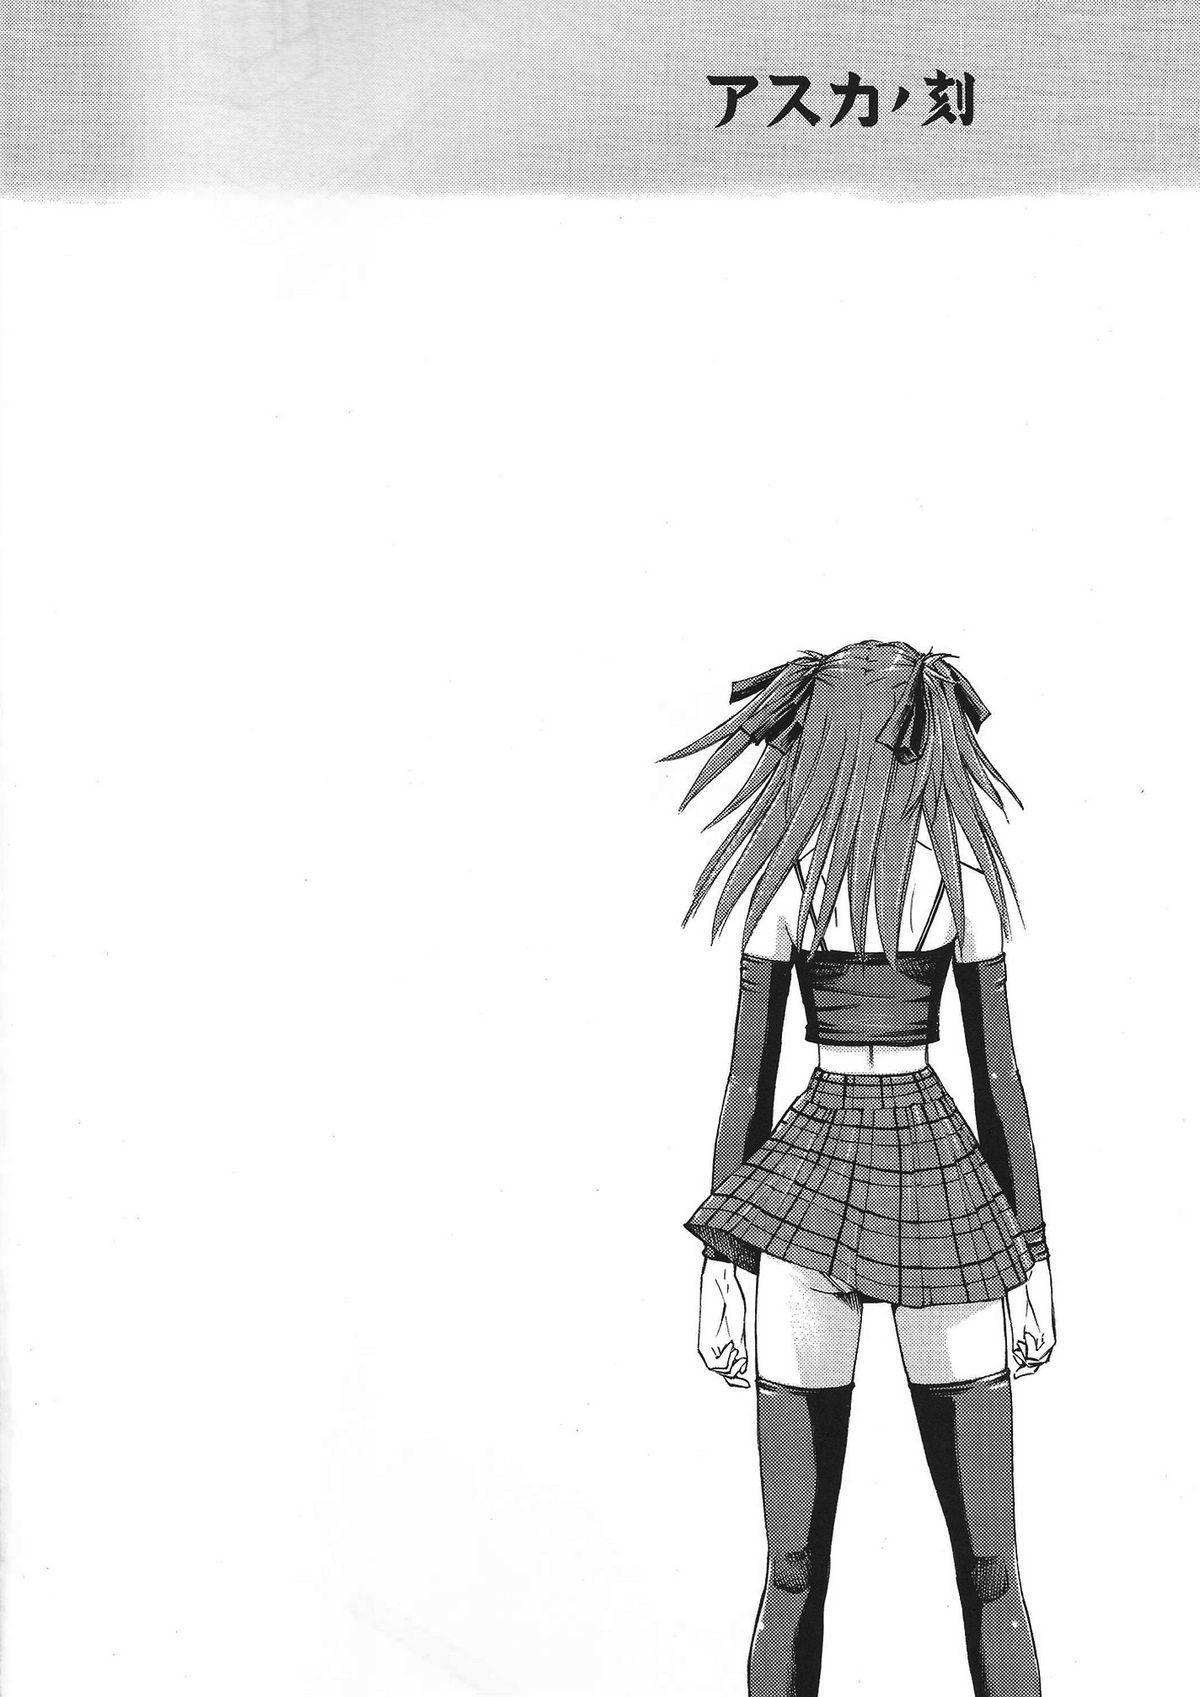 Asuka no Toki 2